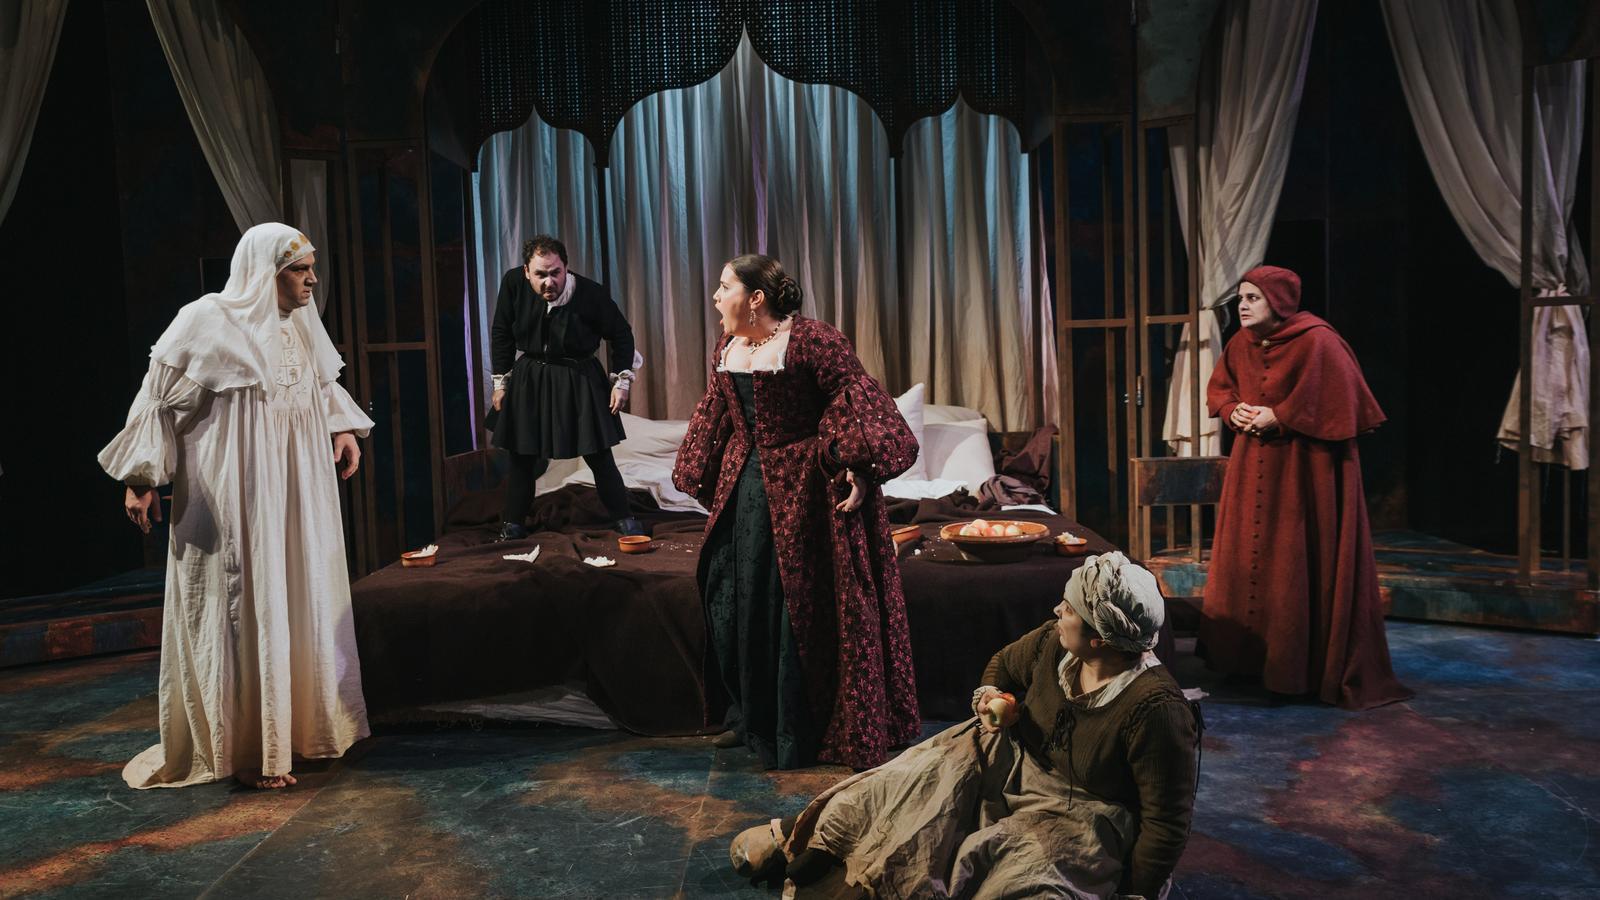 La Calòrica treu la pols de la seva reina Isabel tragicòmica, genocida i inquisidora